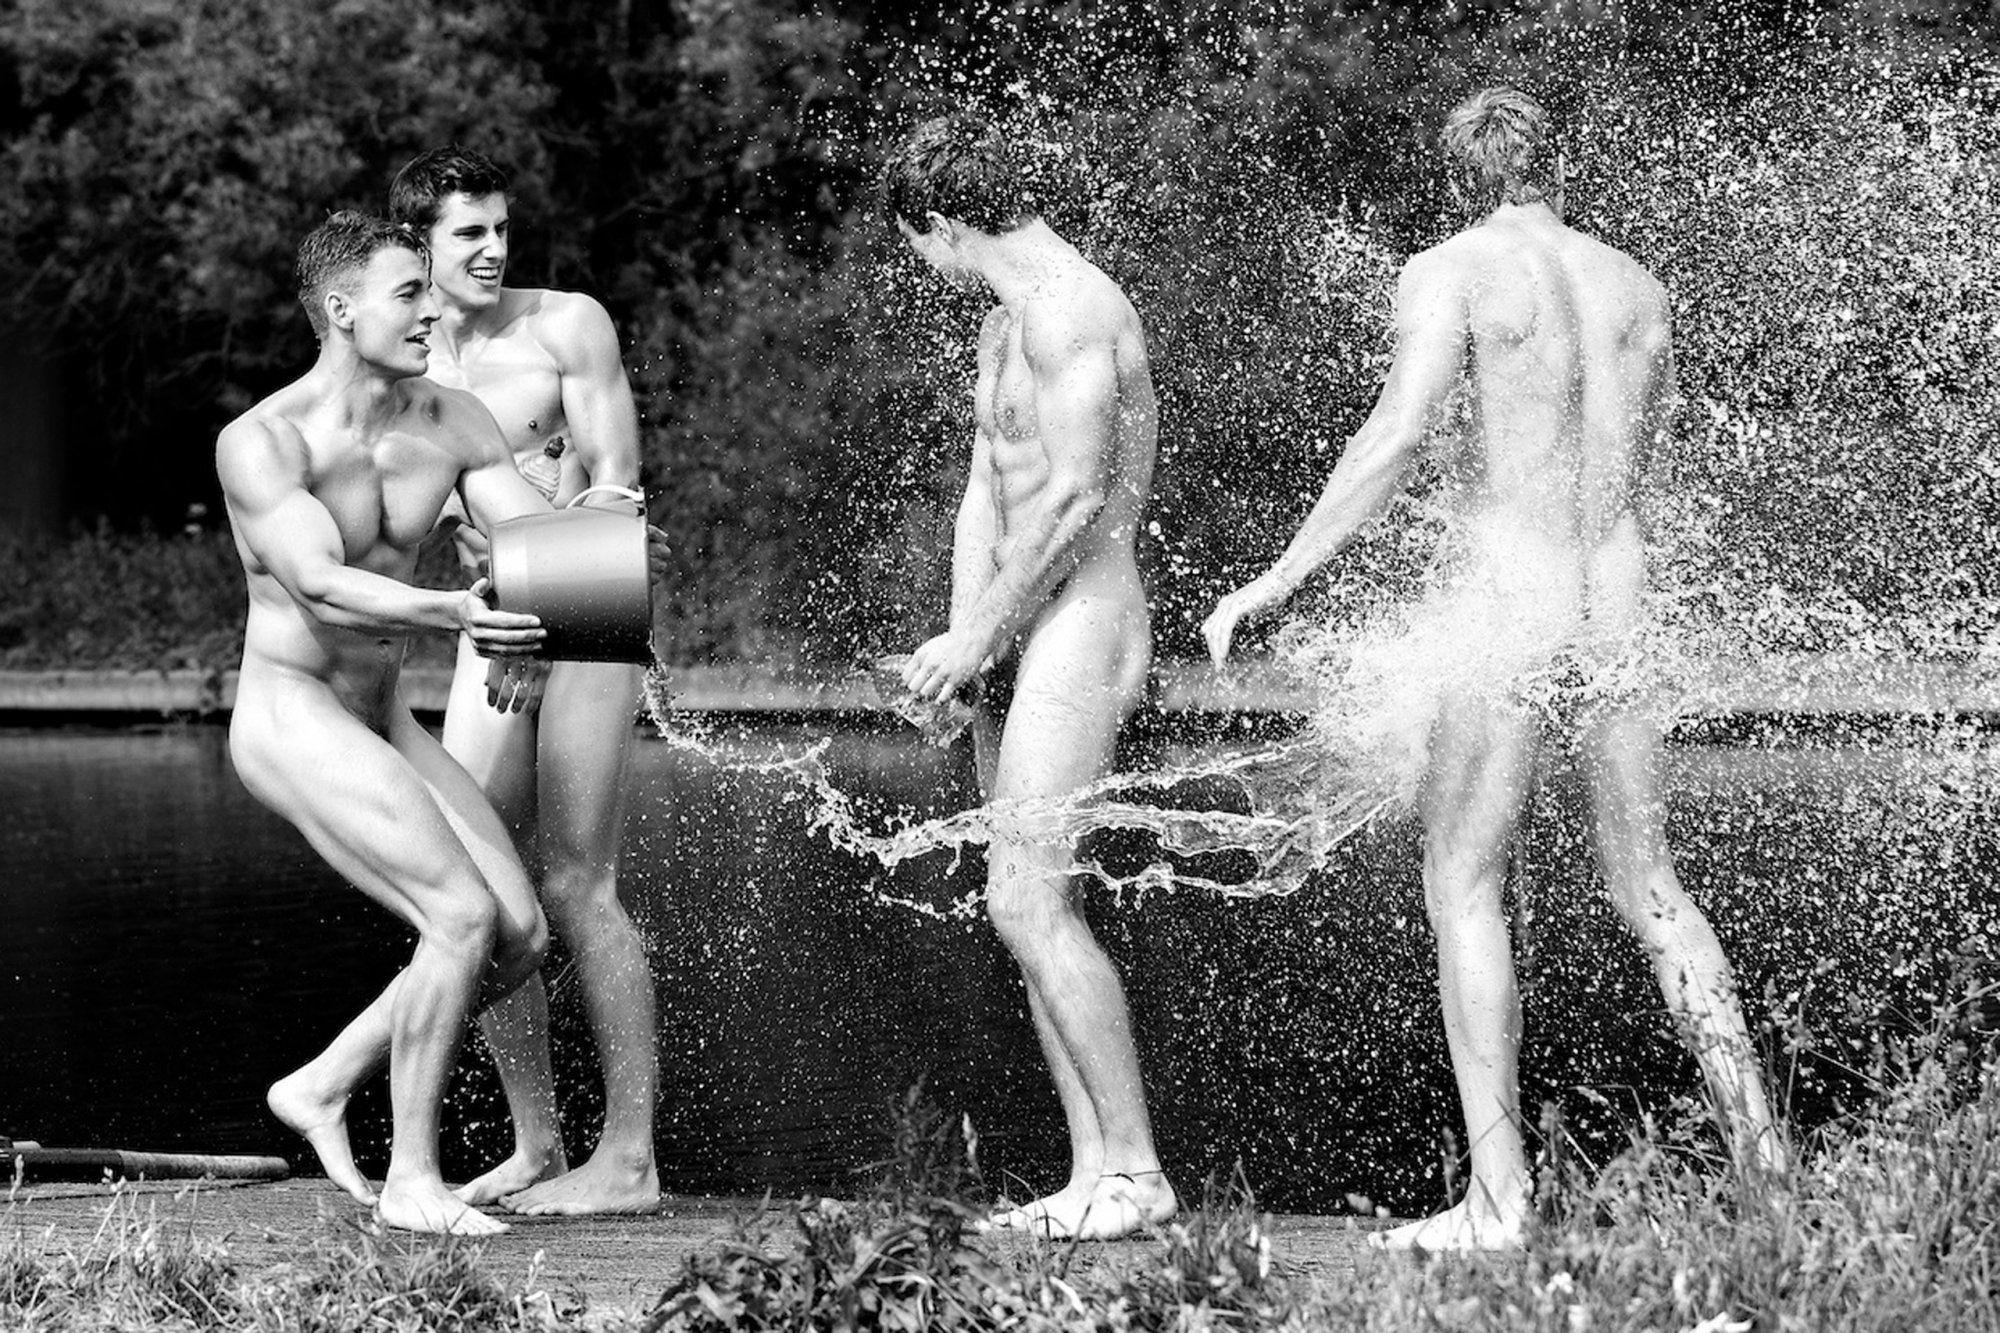 Порно молодые спорт голых парней в воде видео